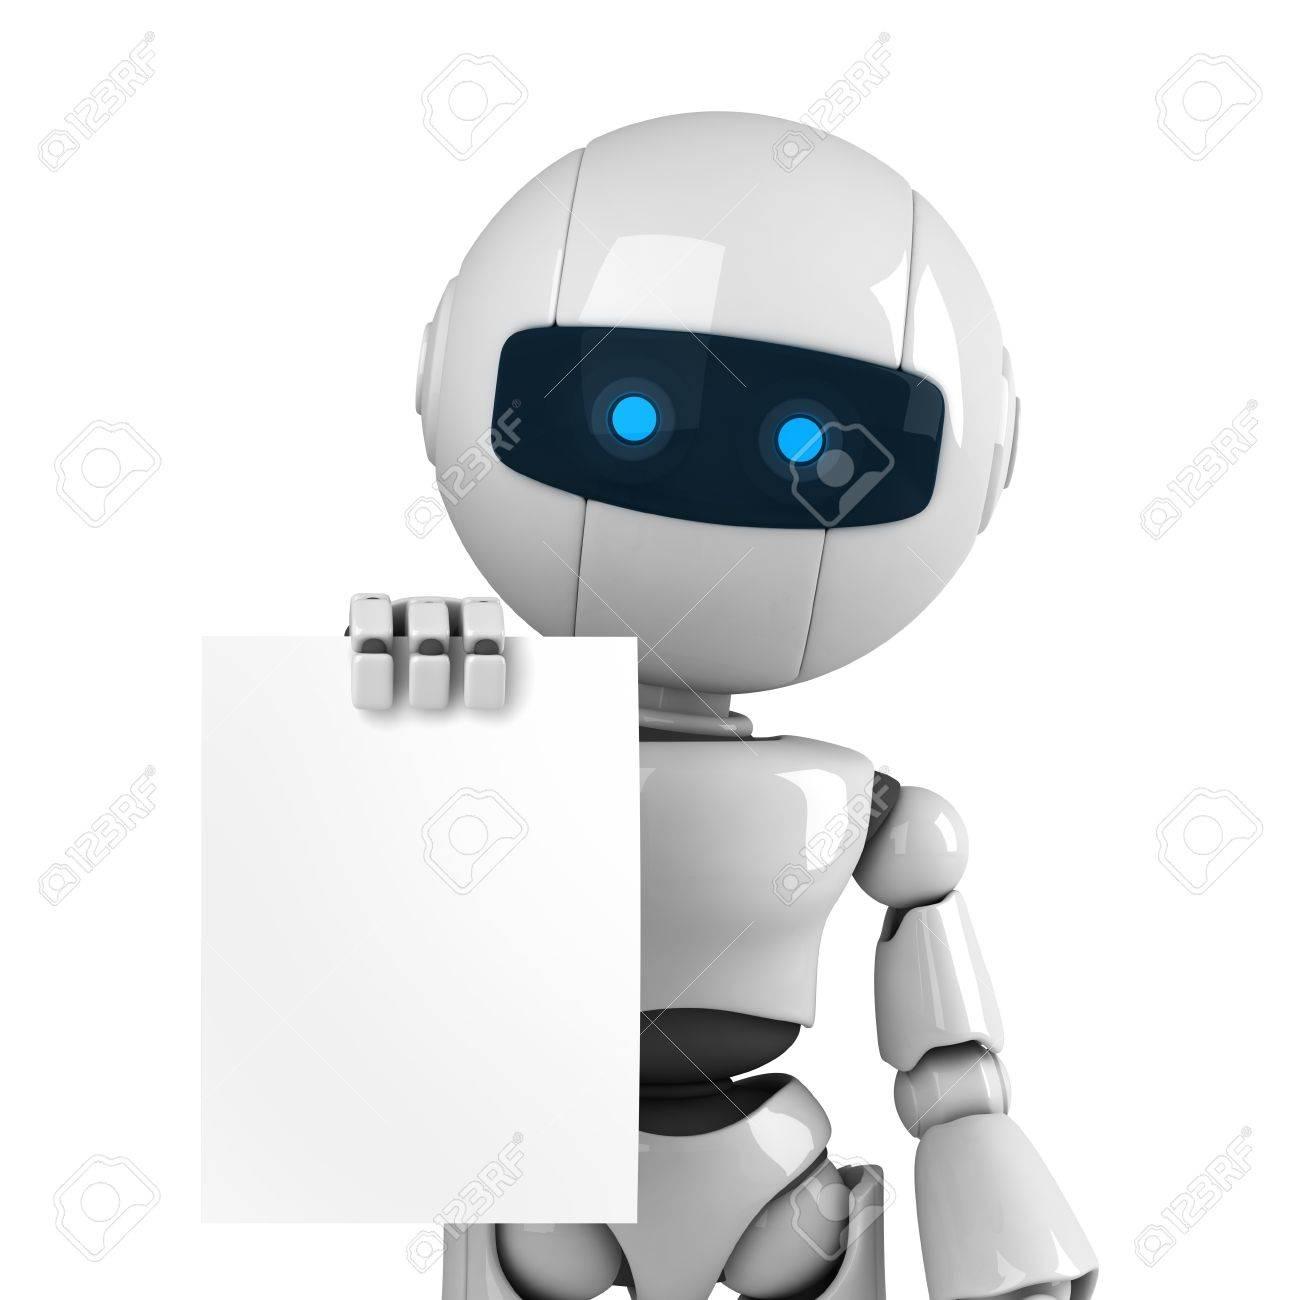 Lustige Weisse Roboter Bleiben Und Leeres Dokument Anzeigen Lizenzfreie Fotos Bilder Und Stock Fotografie Image 10042447